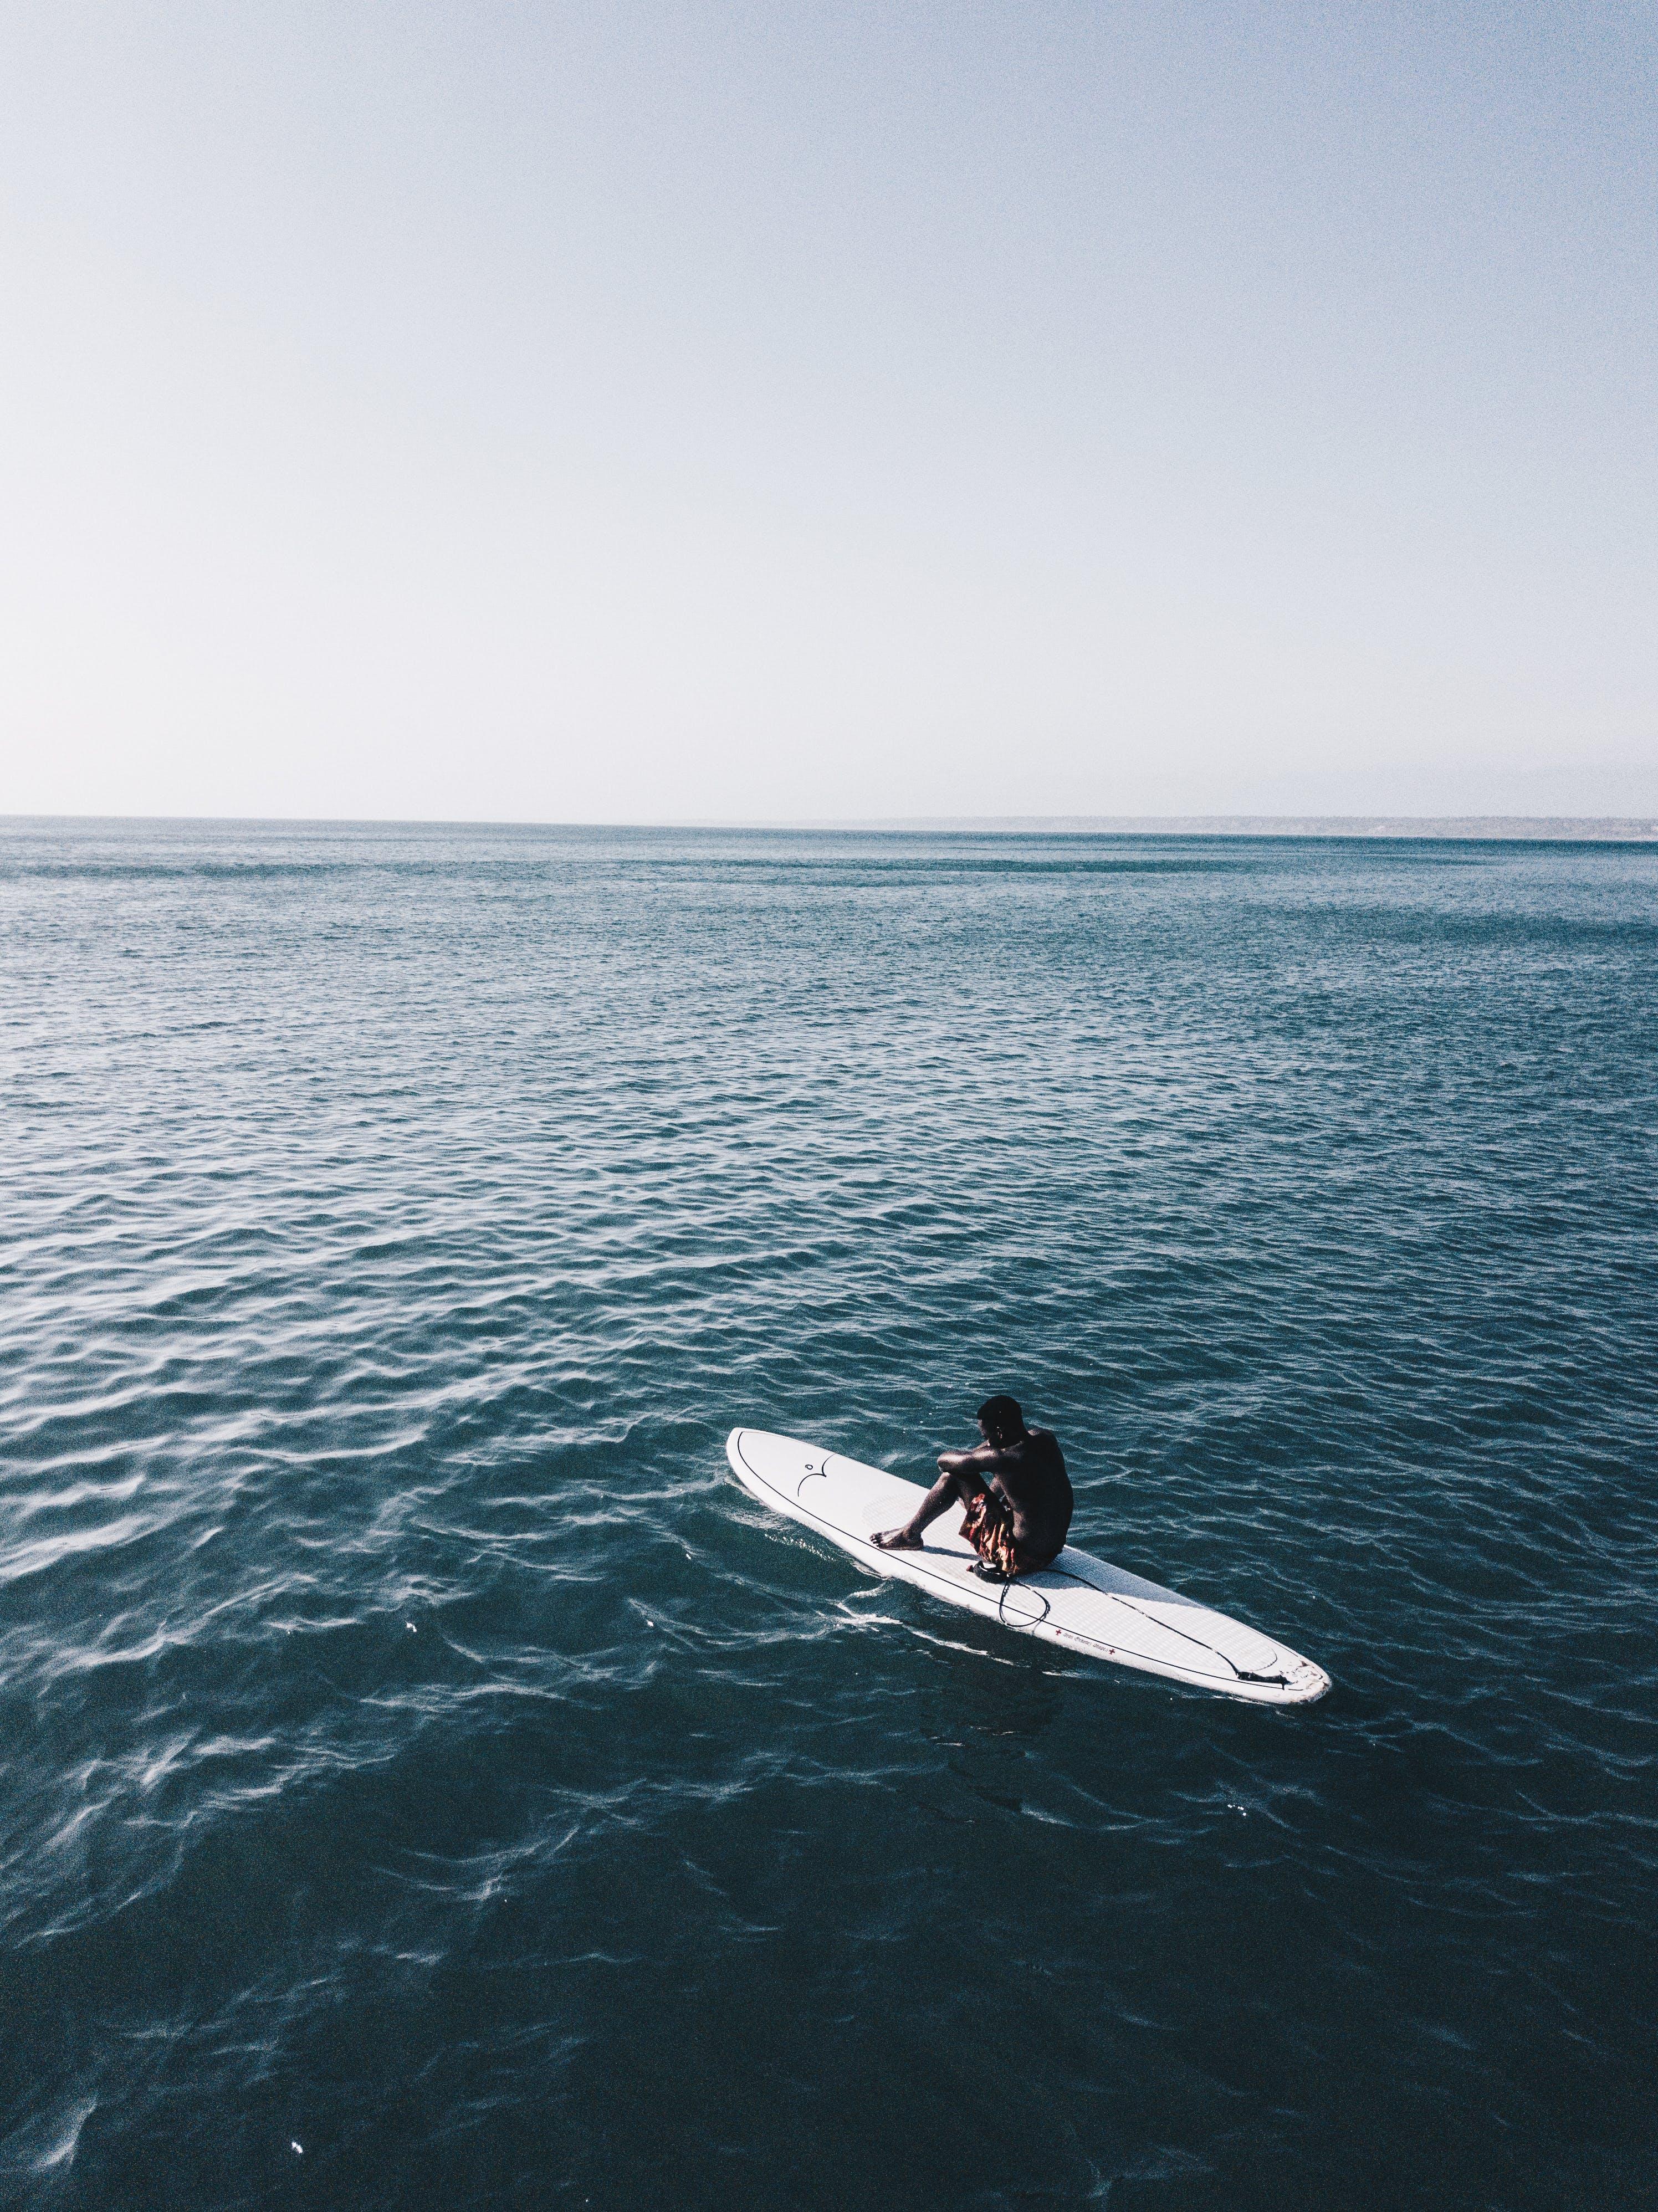 Ingyenes stockfotó Férfi, óceán, személy, szörfdeszka témában